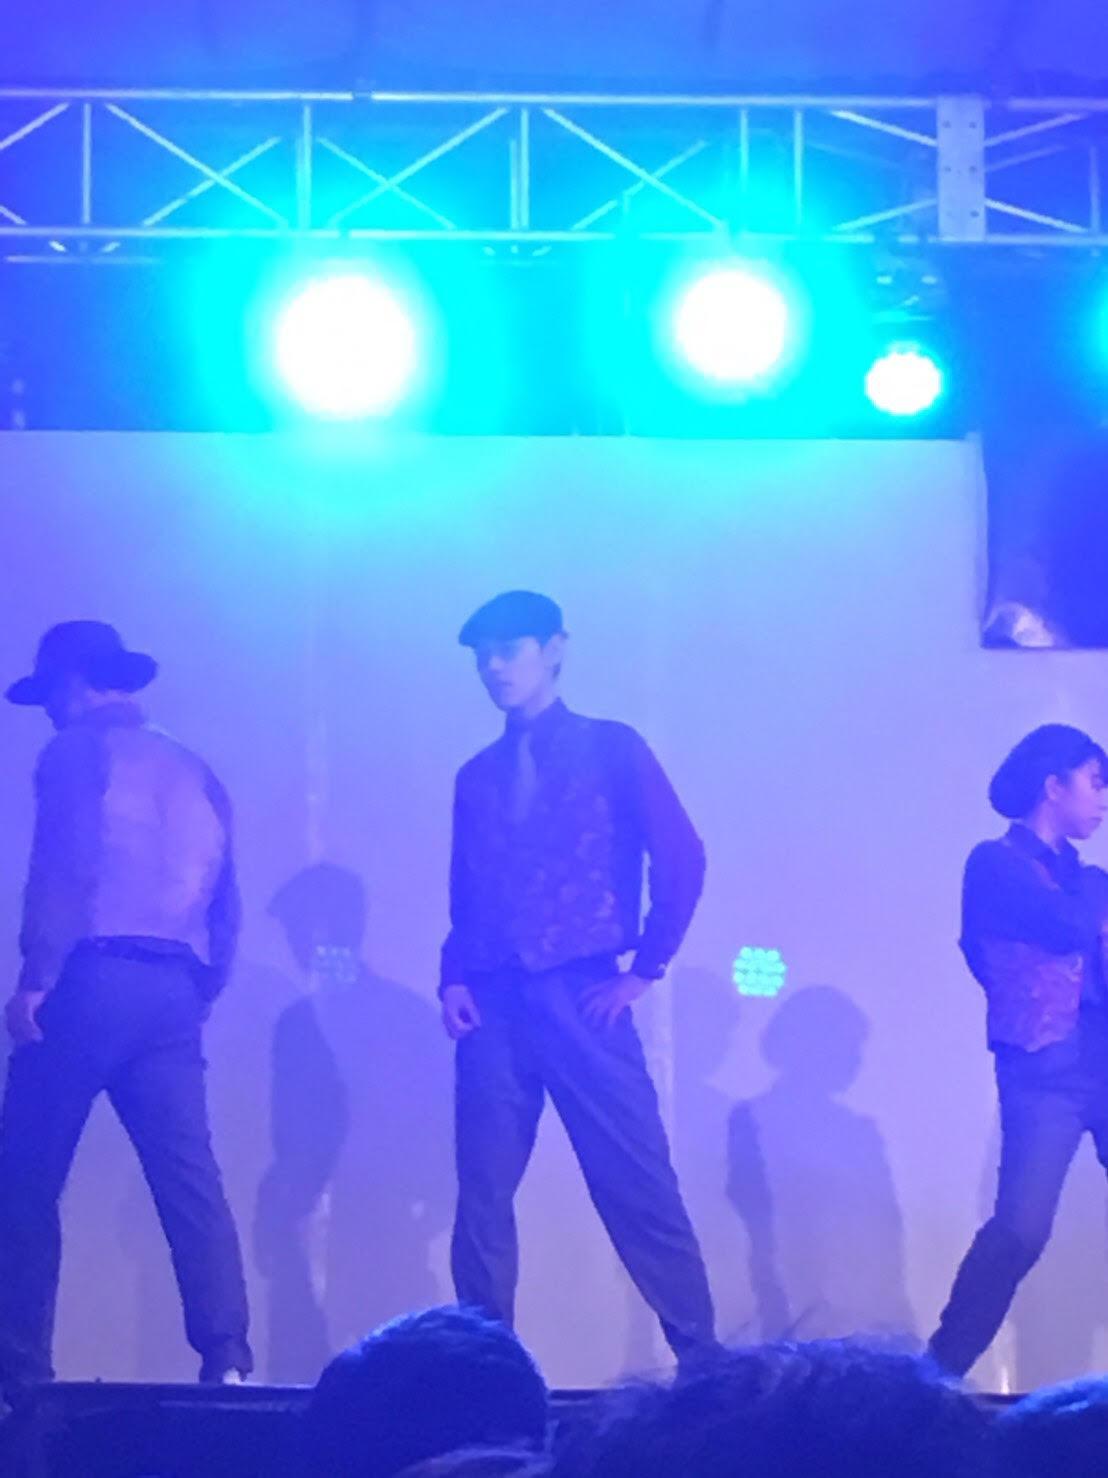 ダンス全身.jpg